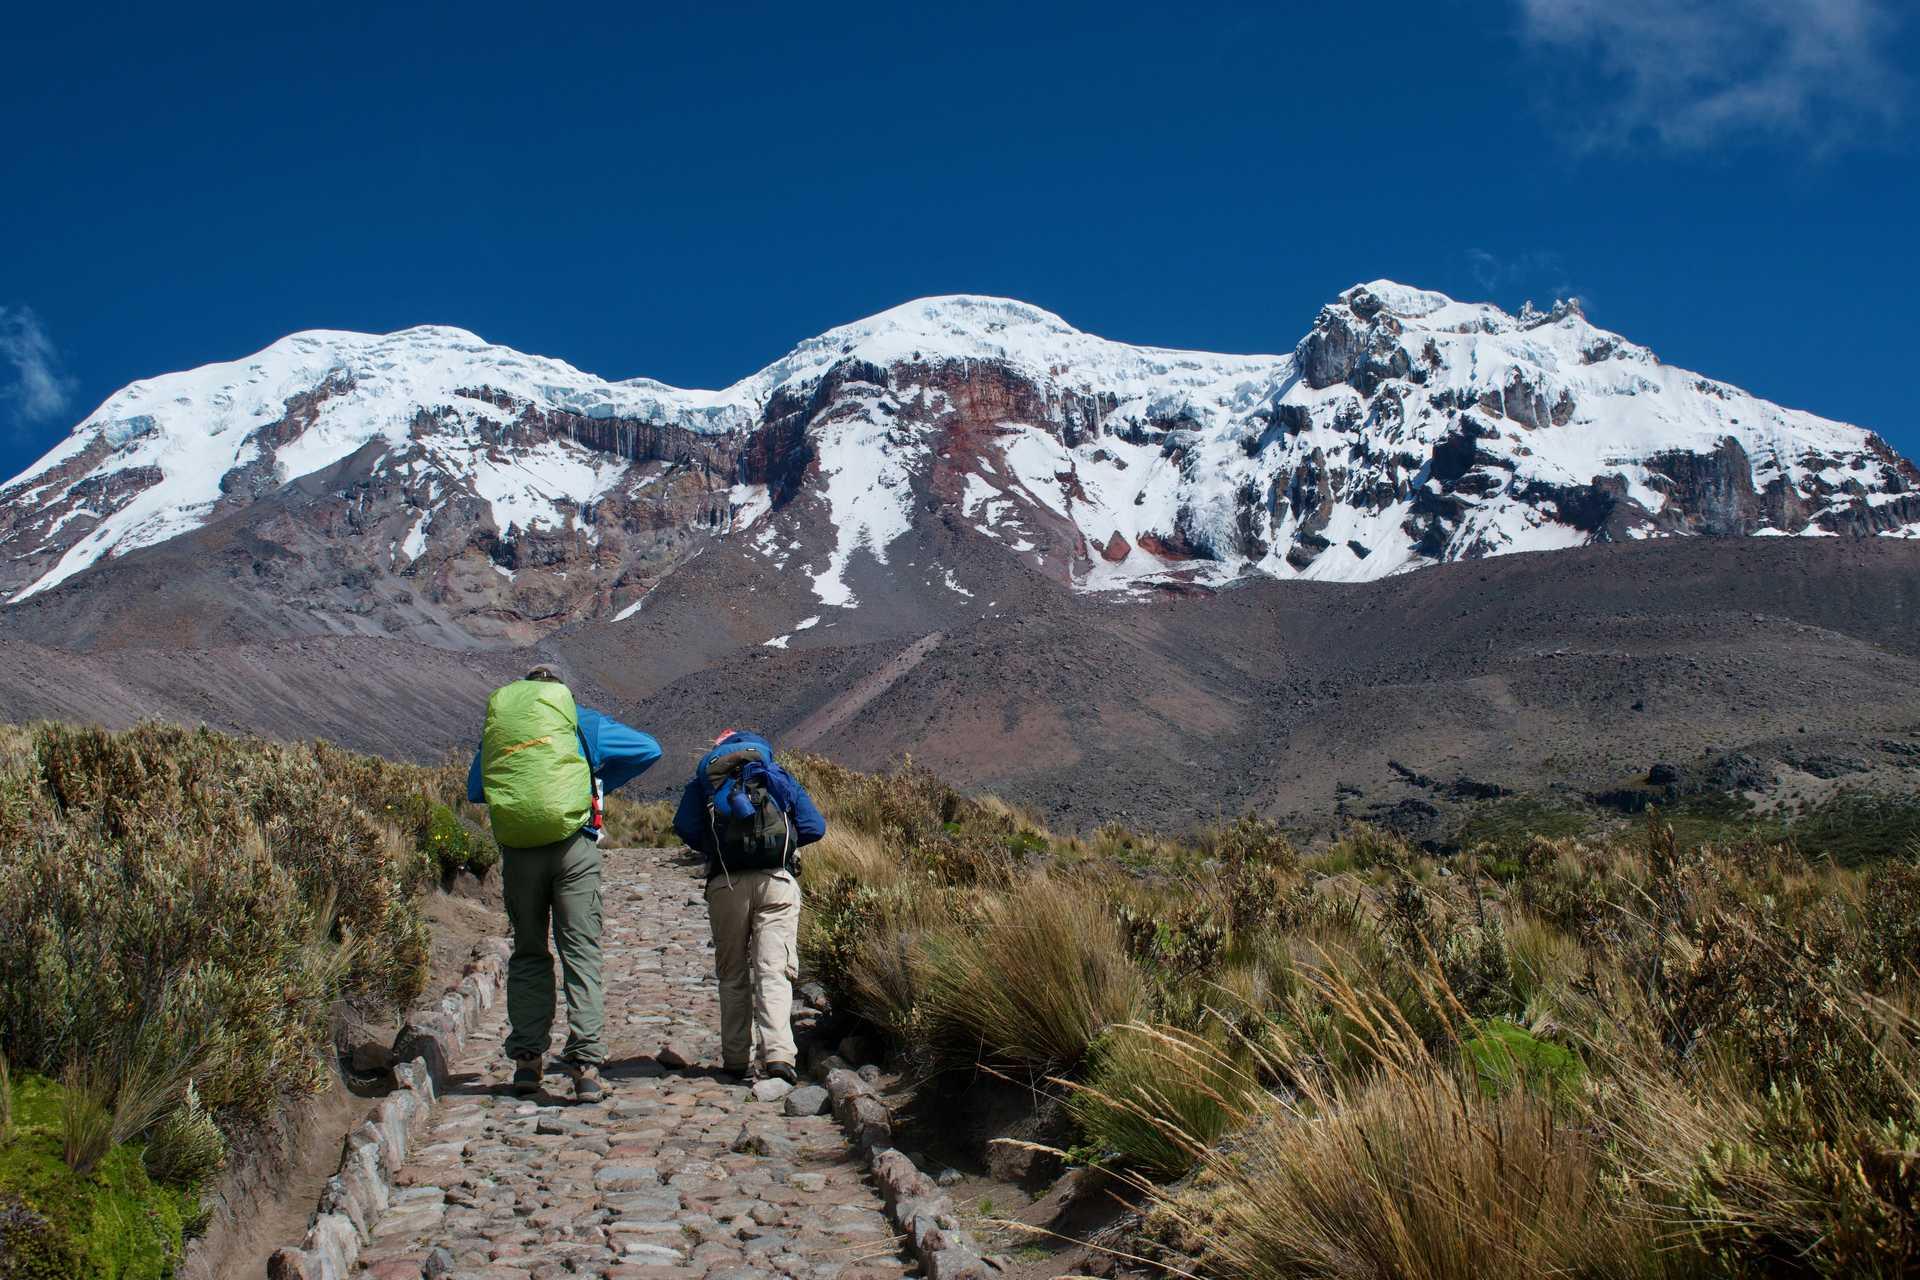 Randonneurs faisant le tour du volcan Chimborazo